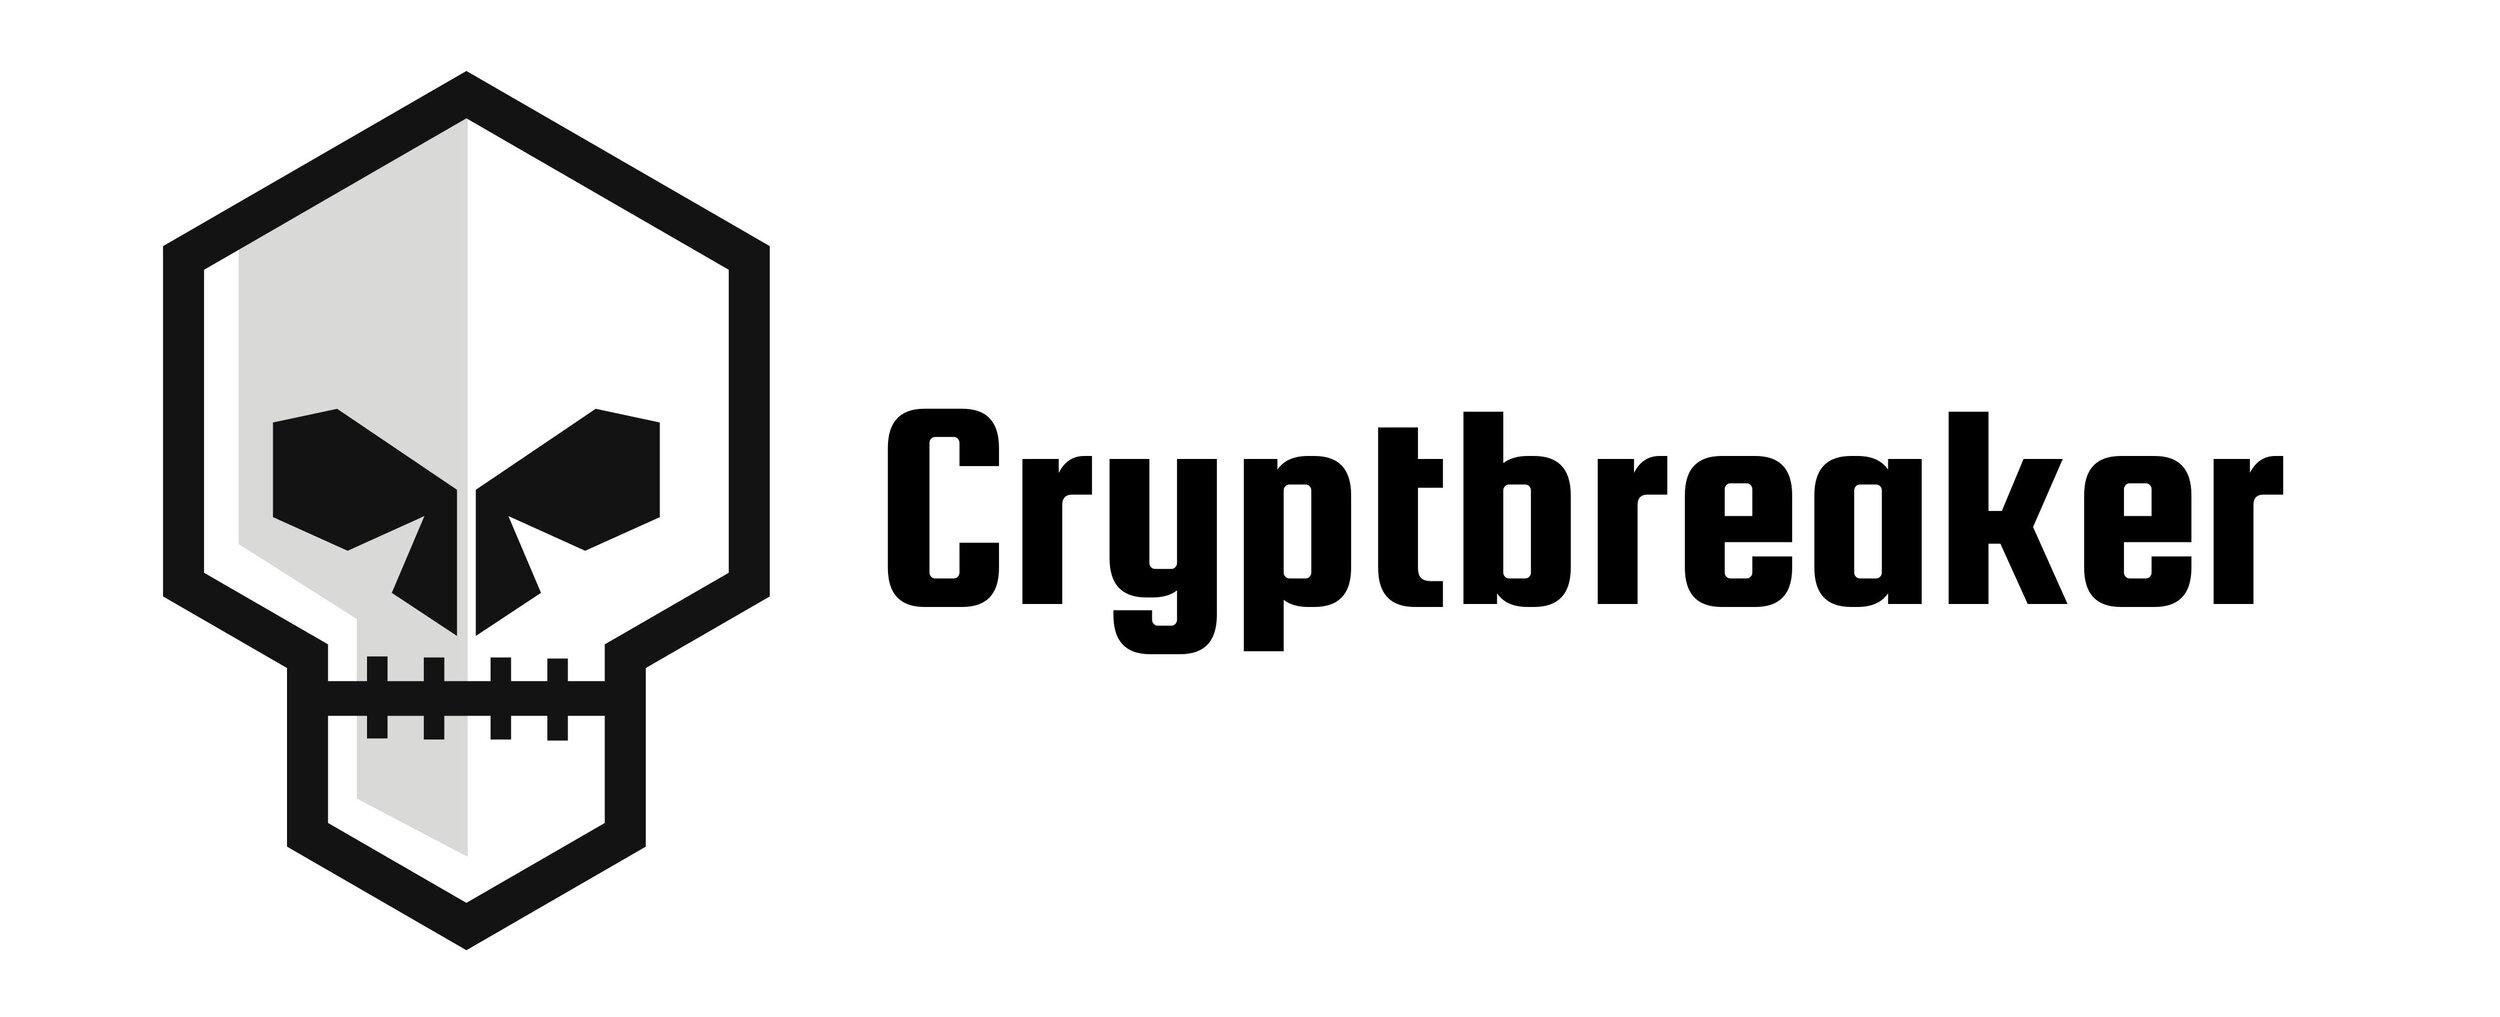 CroppedCryptbreakerLogo.jpg